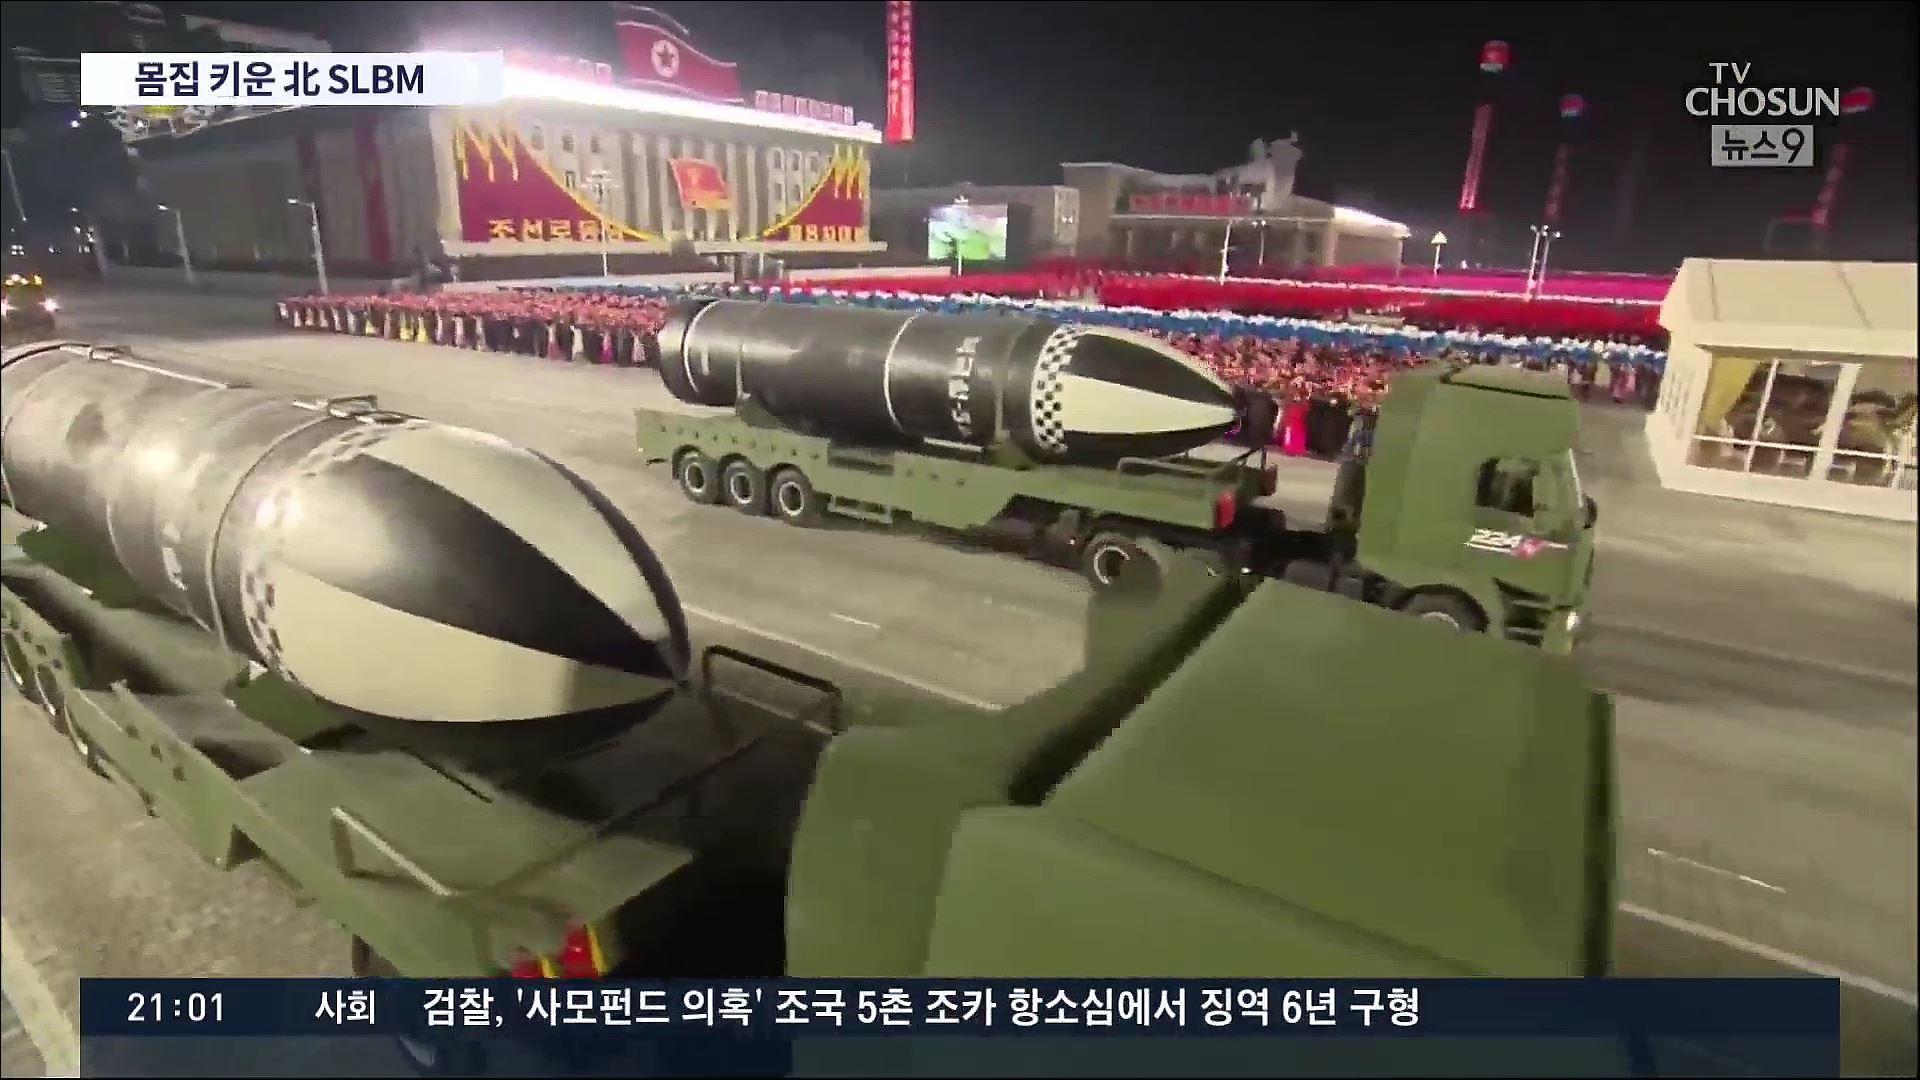 北, 열병식서 탄두 커진 신형 SLBM 공개…ICBM은 제외